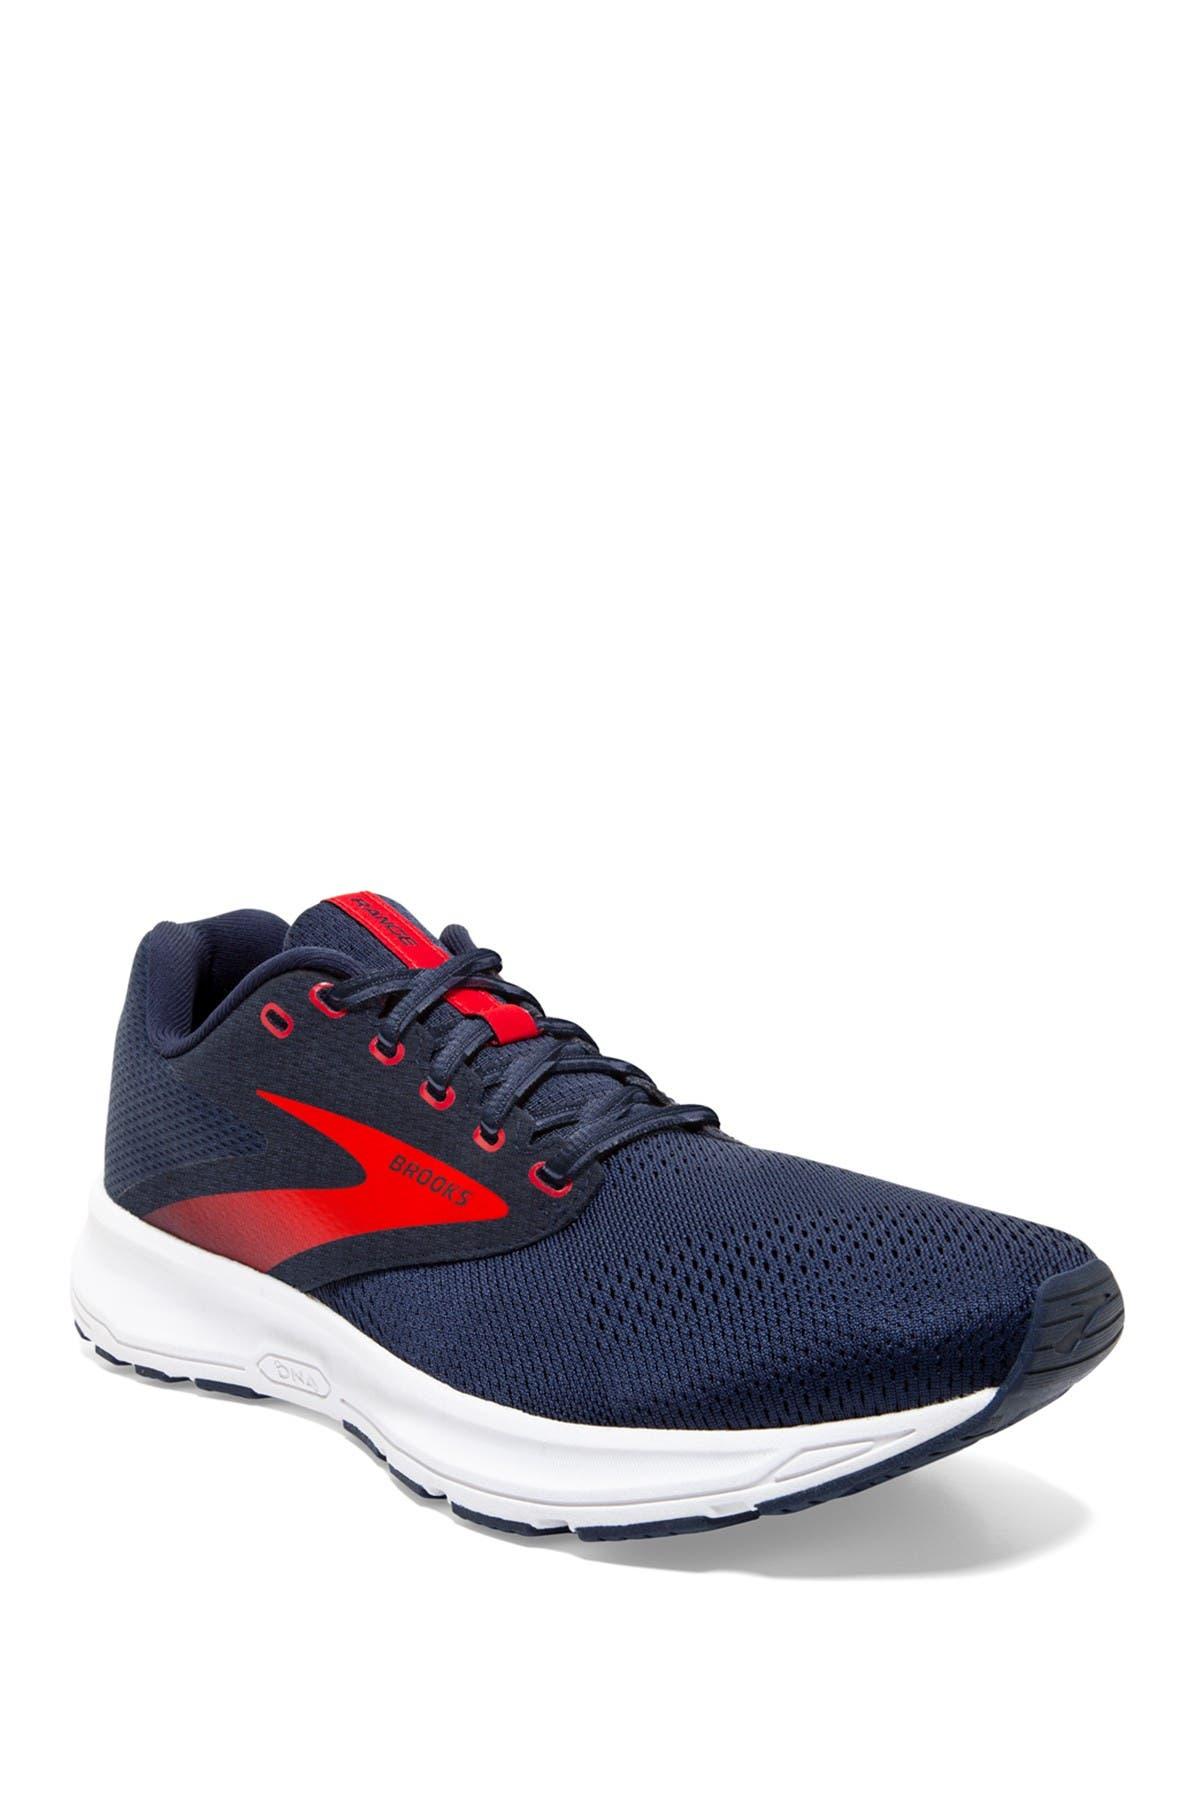 Image of Brooks Men's Range Sneaker